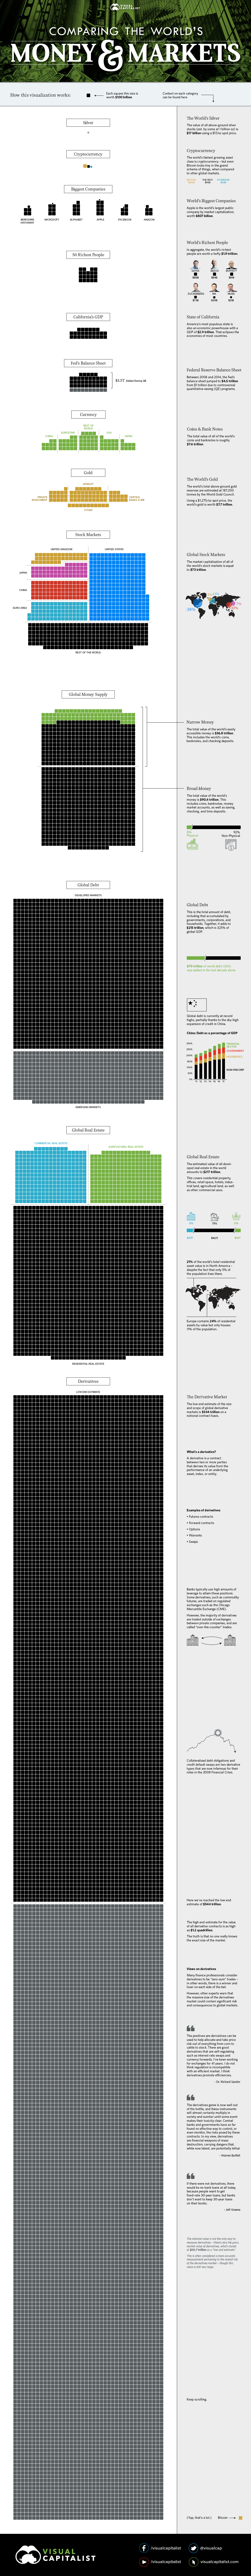 全球资金都流向了哪里?外媒做了一张可视化图